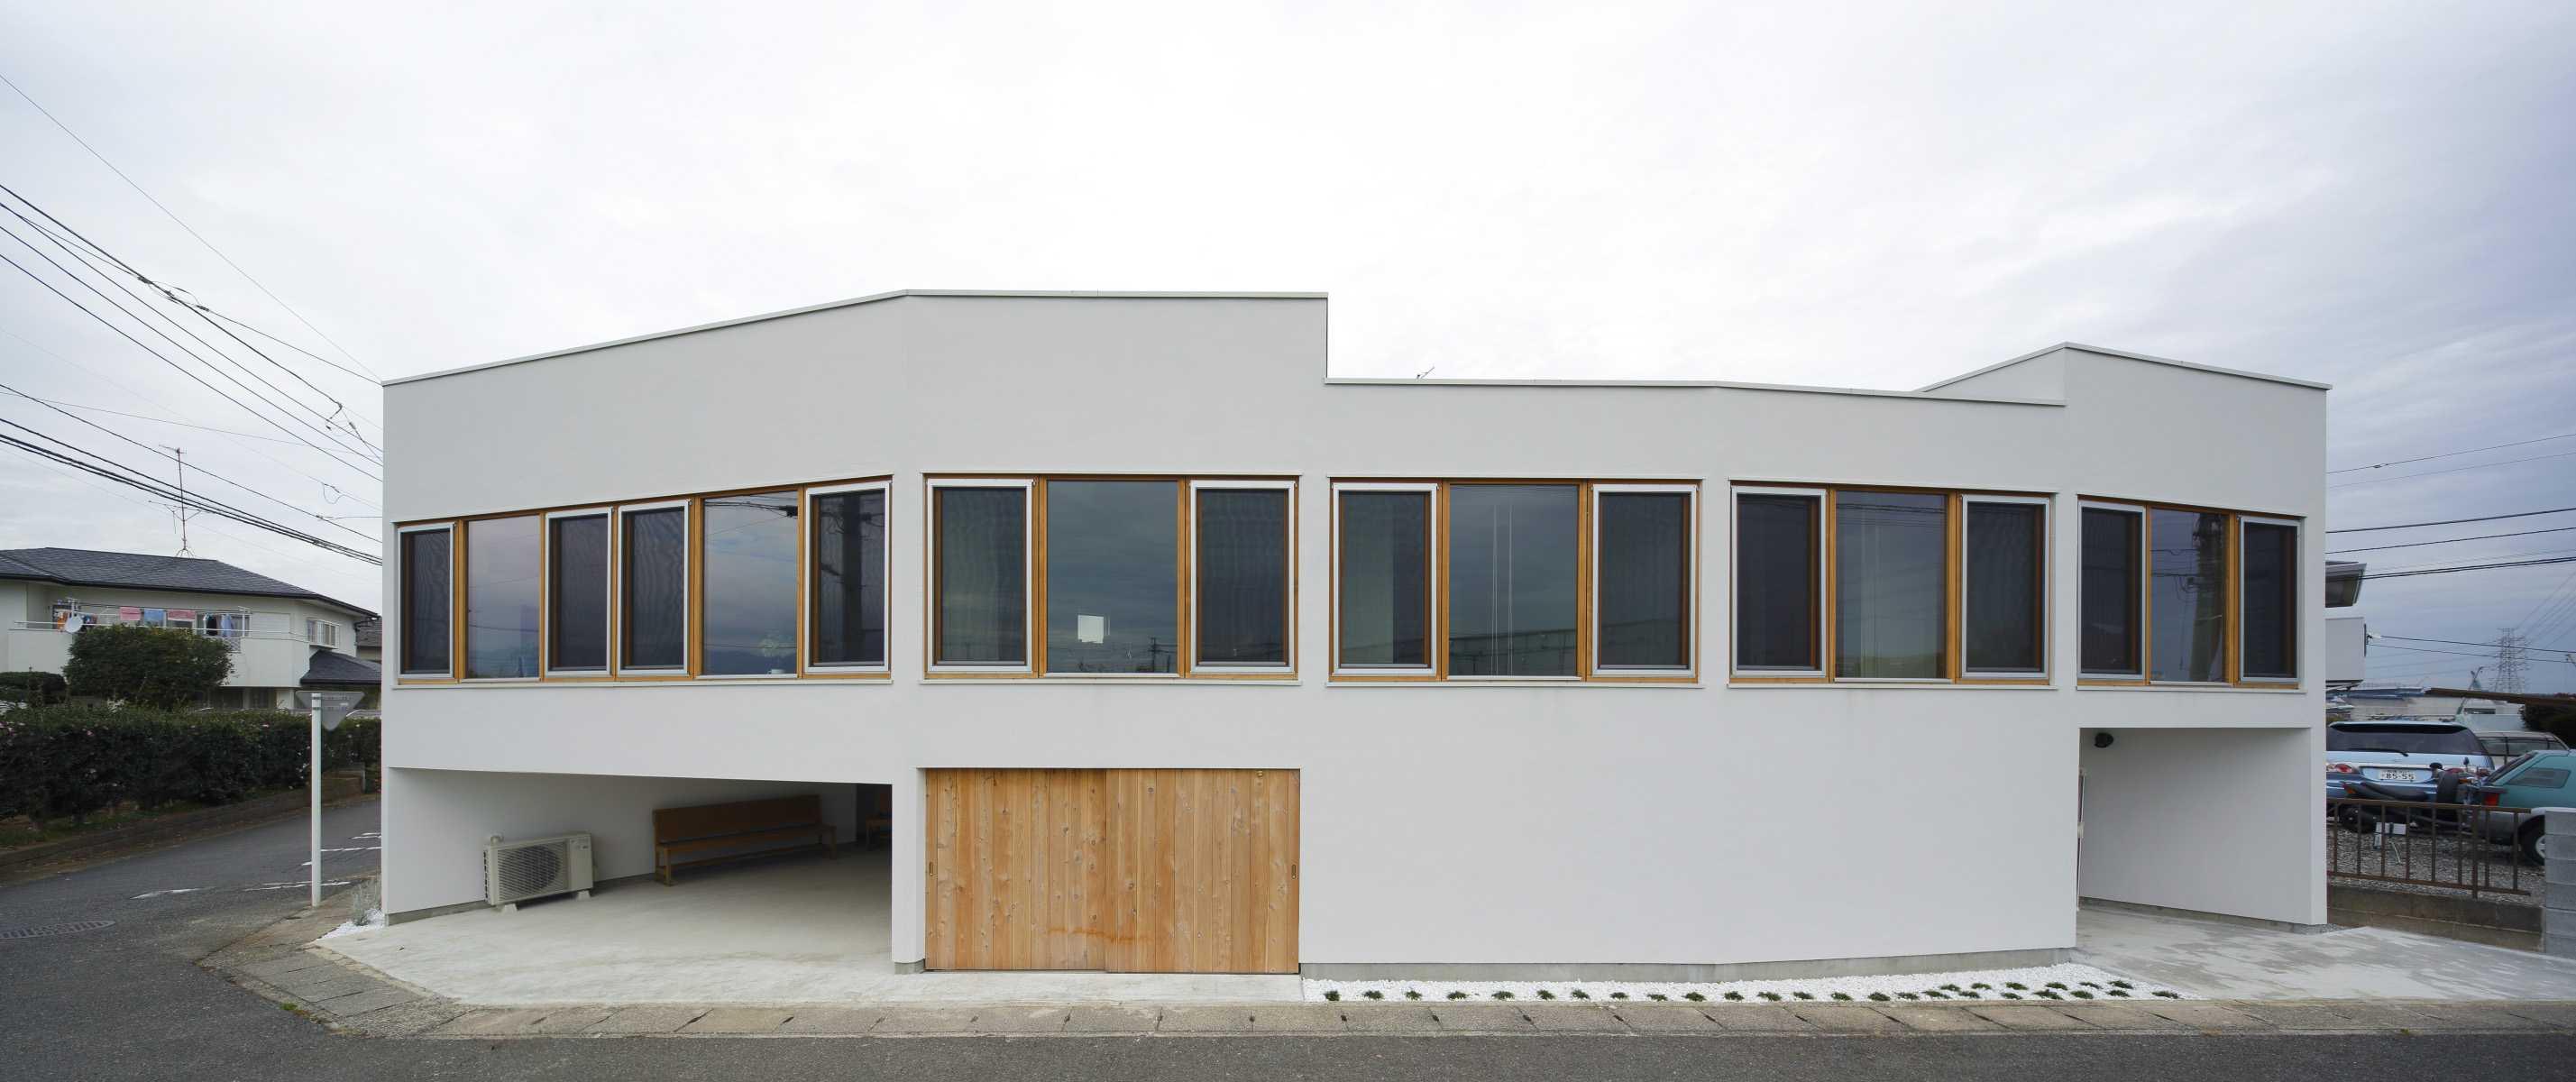 泰進建設 保坂猛建築都市設計事務所ーHouse119